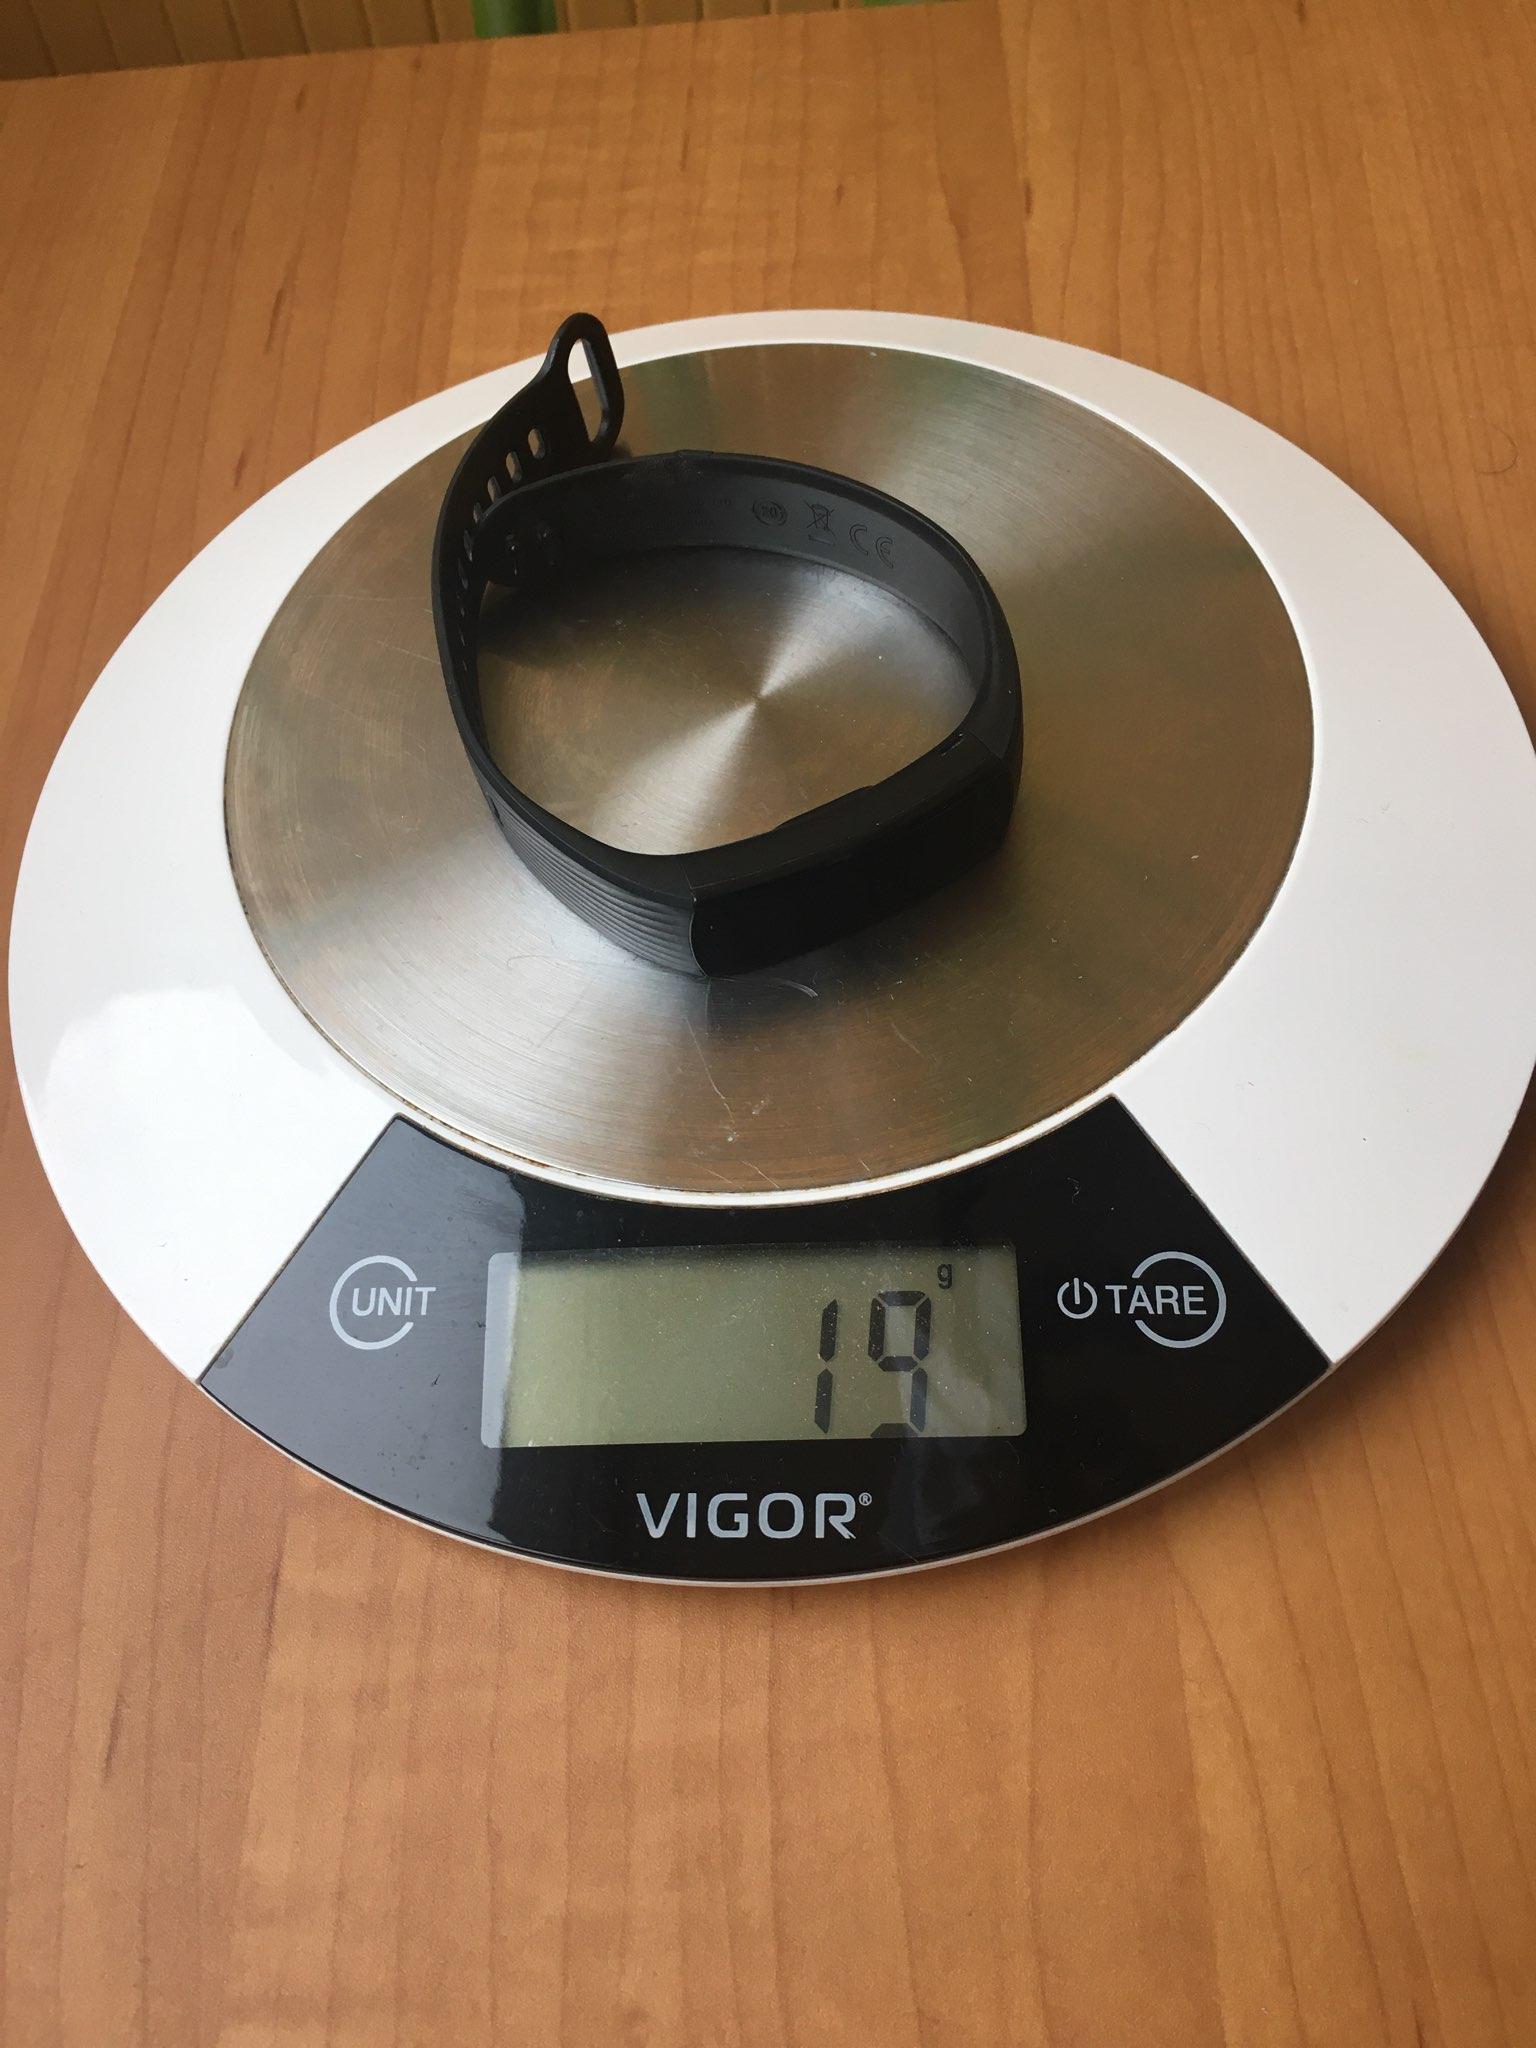 вес фитнес трекера